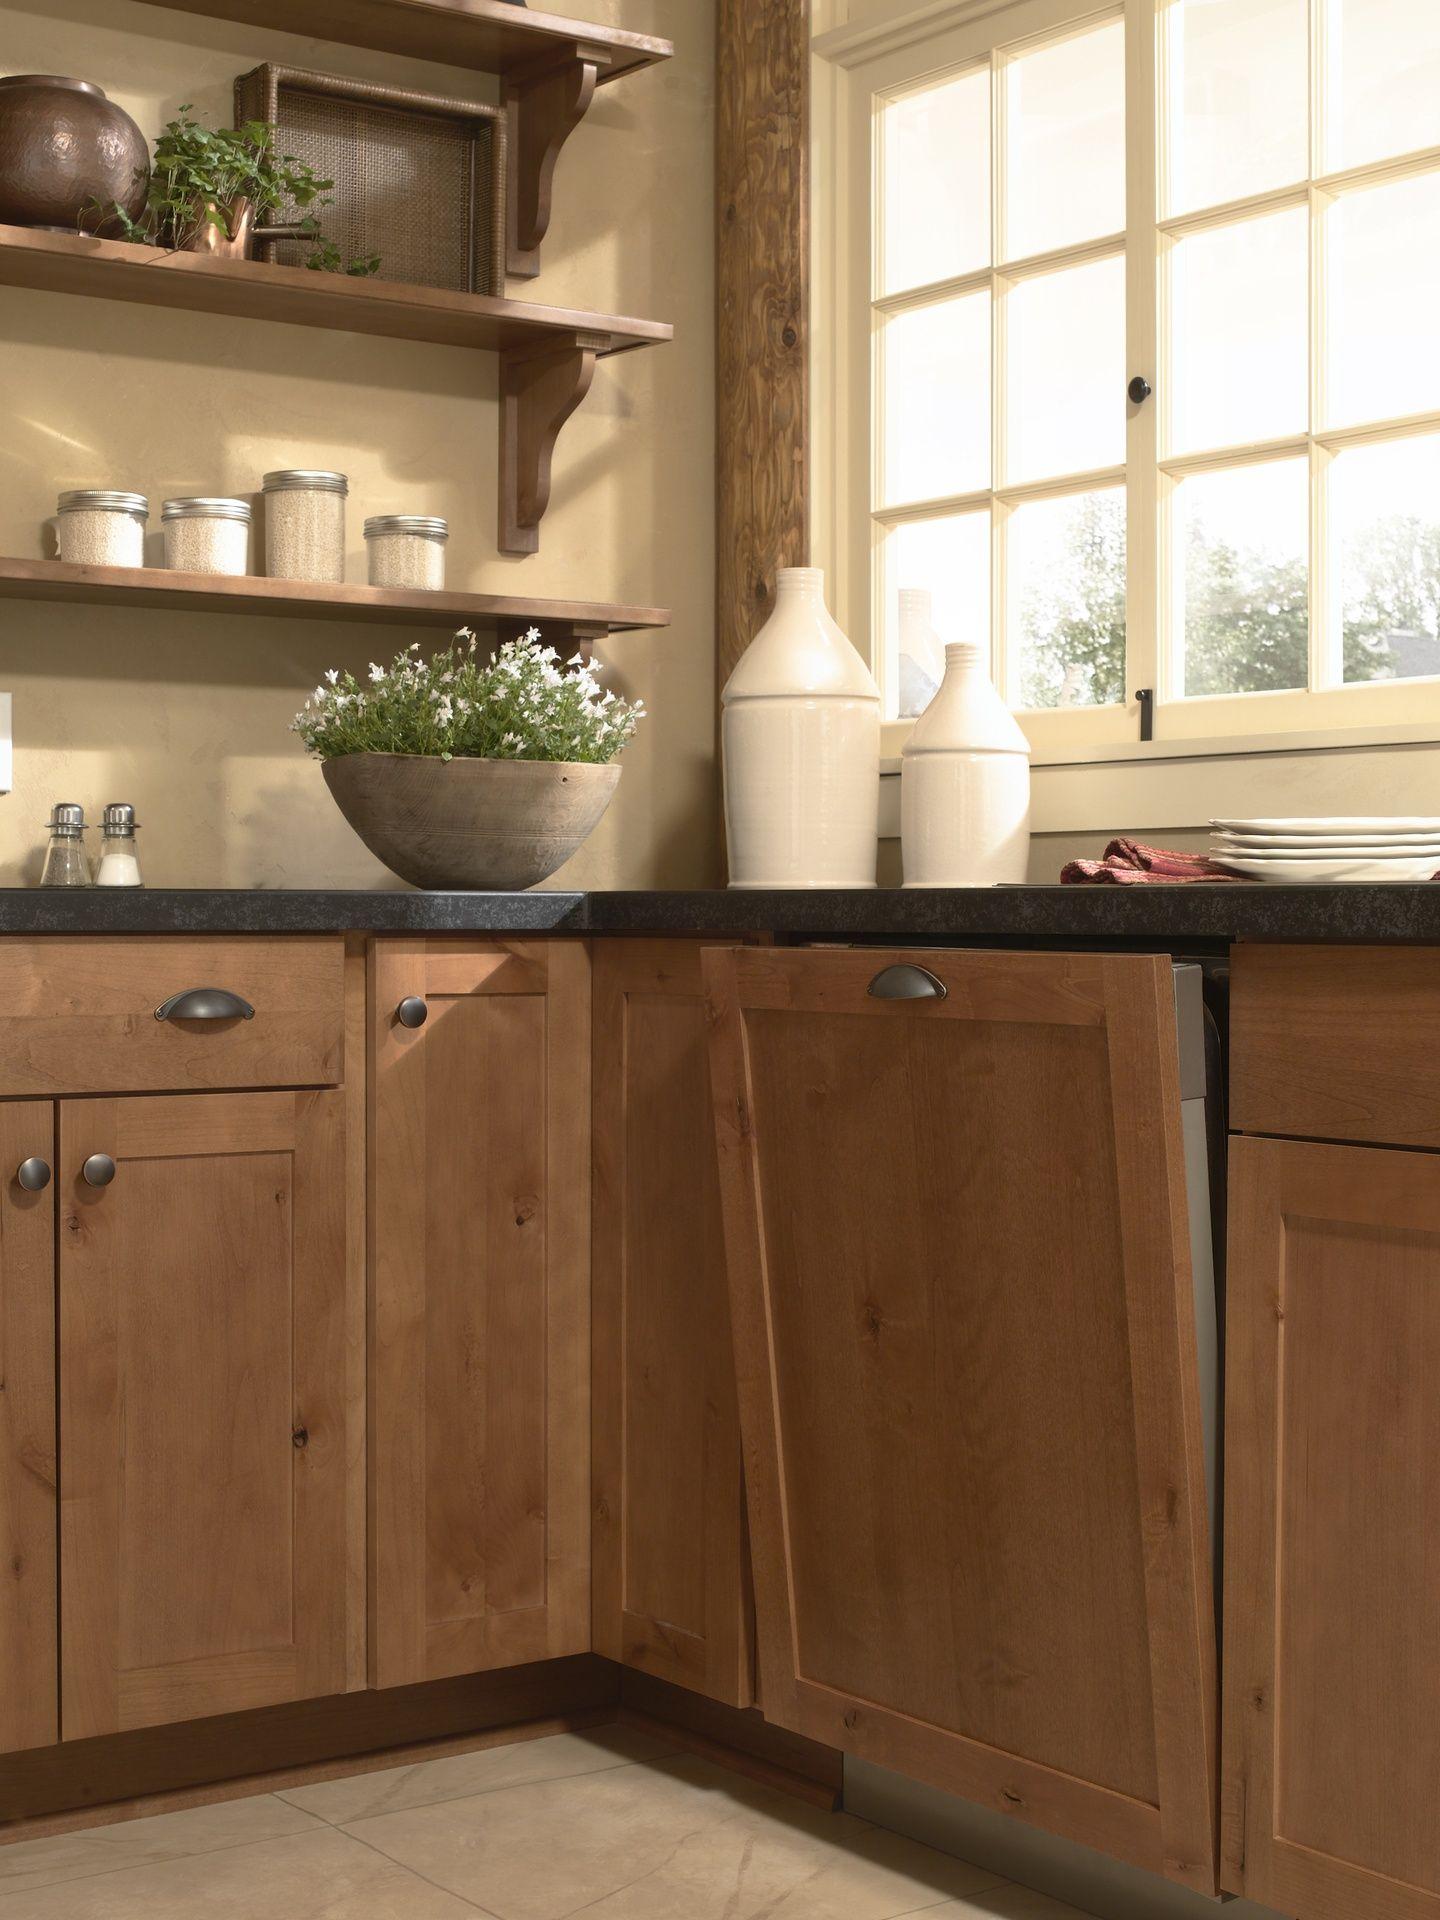 Rustic Alder Concord Harvest Kitchen Design Small Stylish Small Kitchen